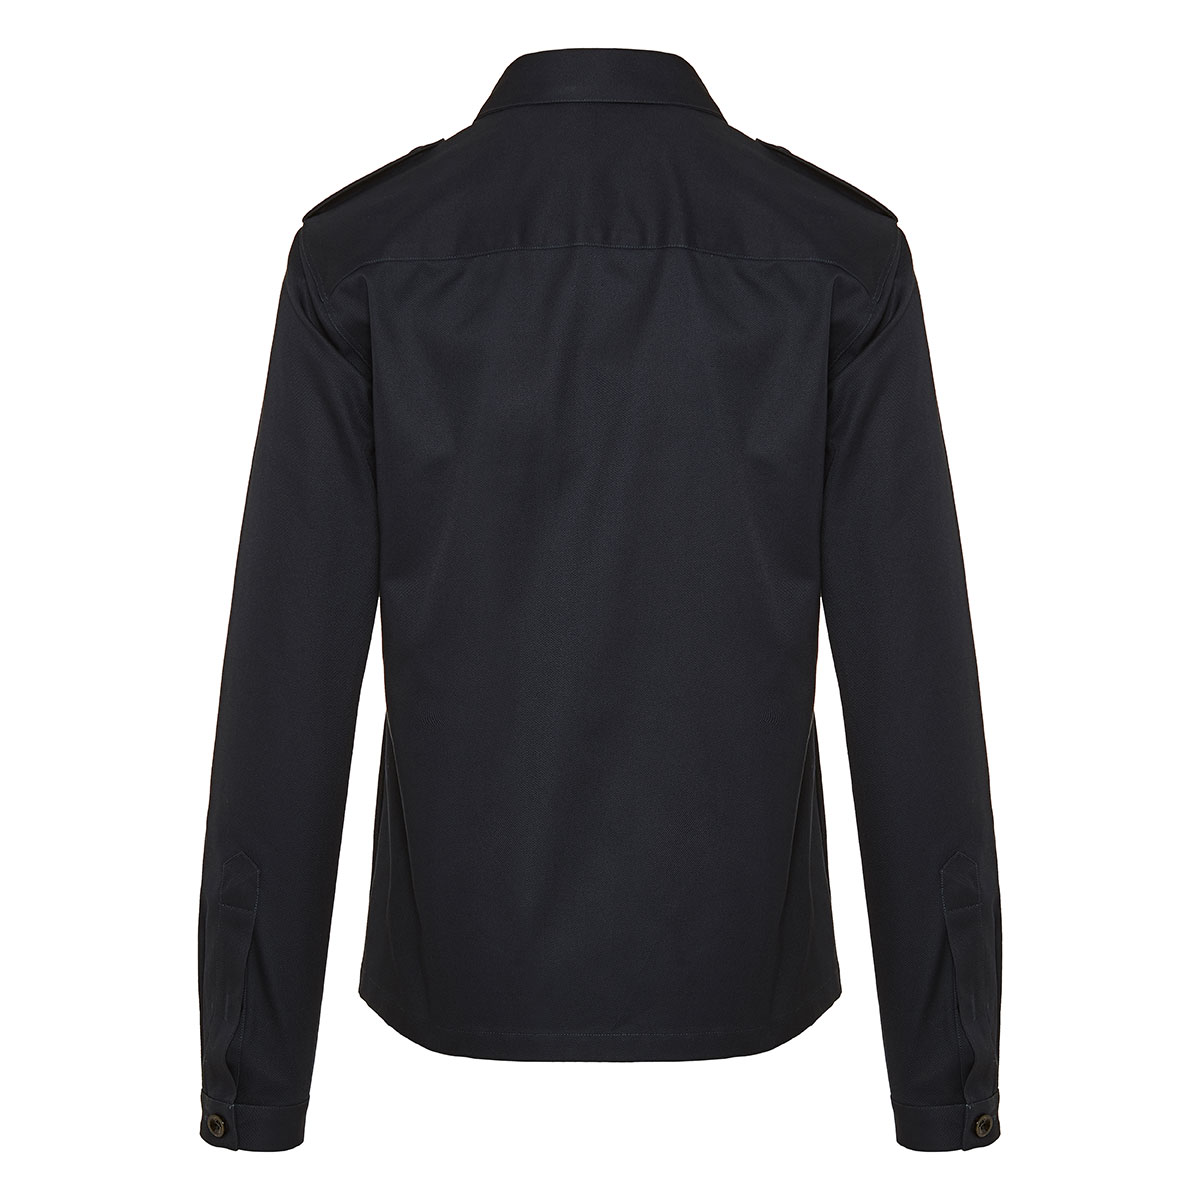 Military twill overshirt